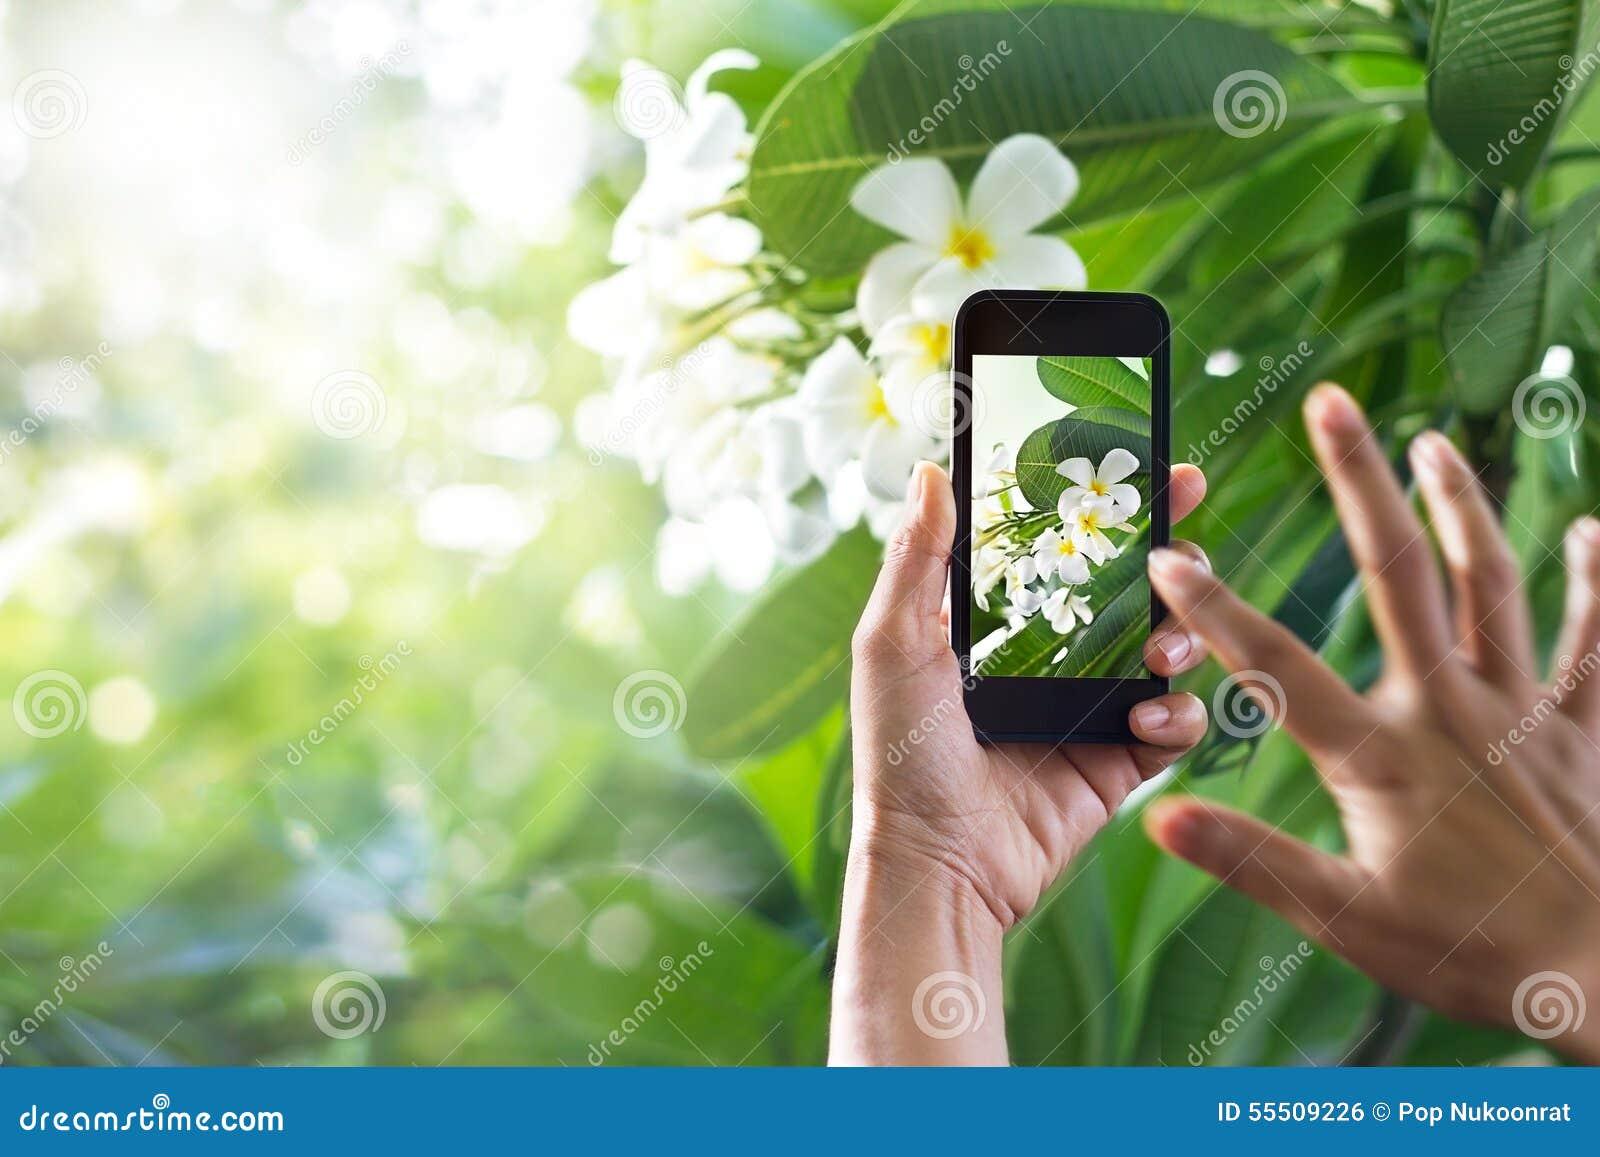 Tomando a imagens a flor branca com o telefone esperto móvel na natureza